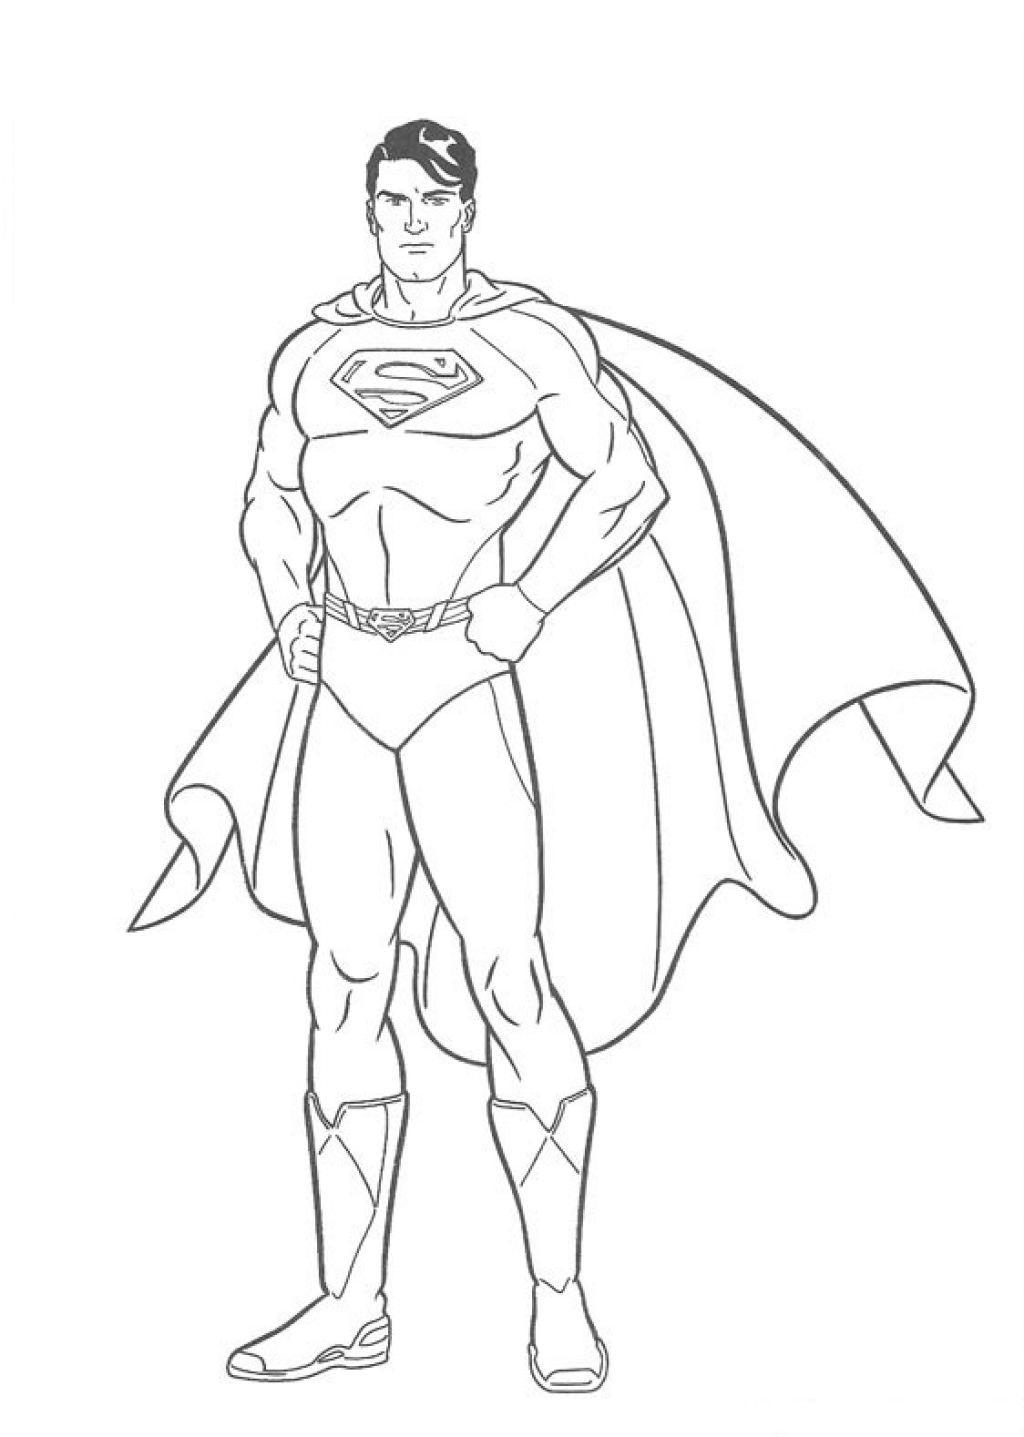 Раскраски супермен распечатать бесплатно формат а4